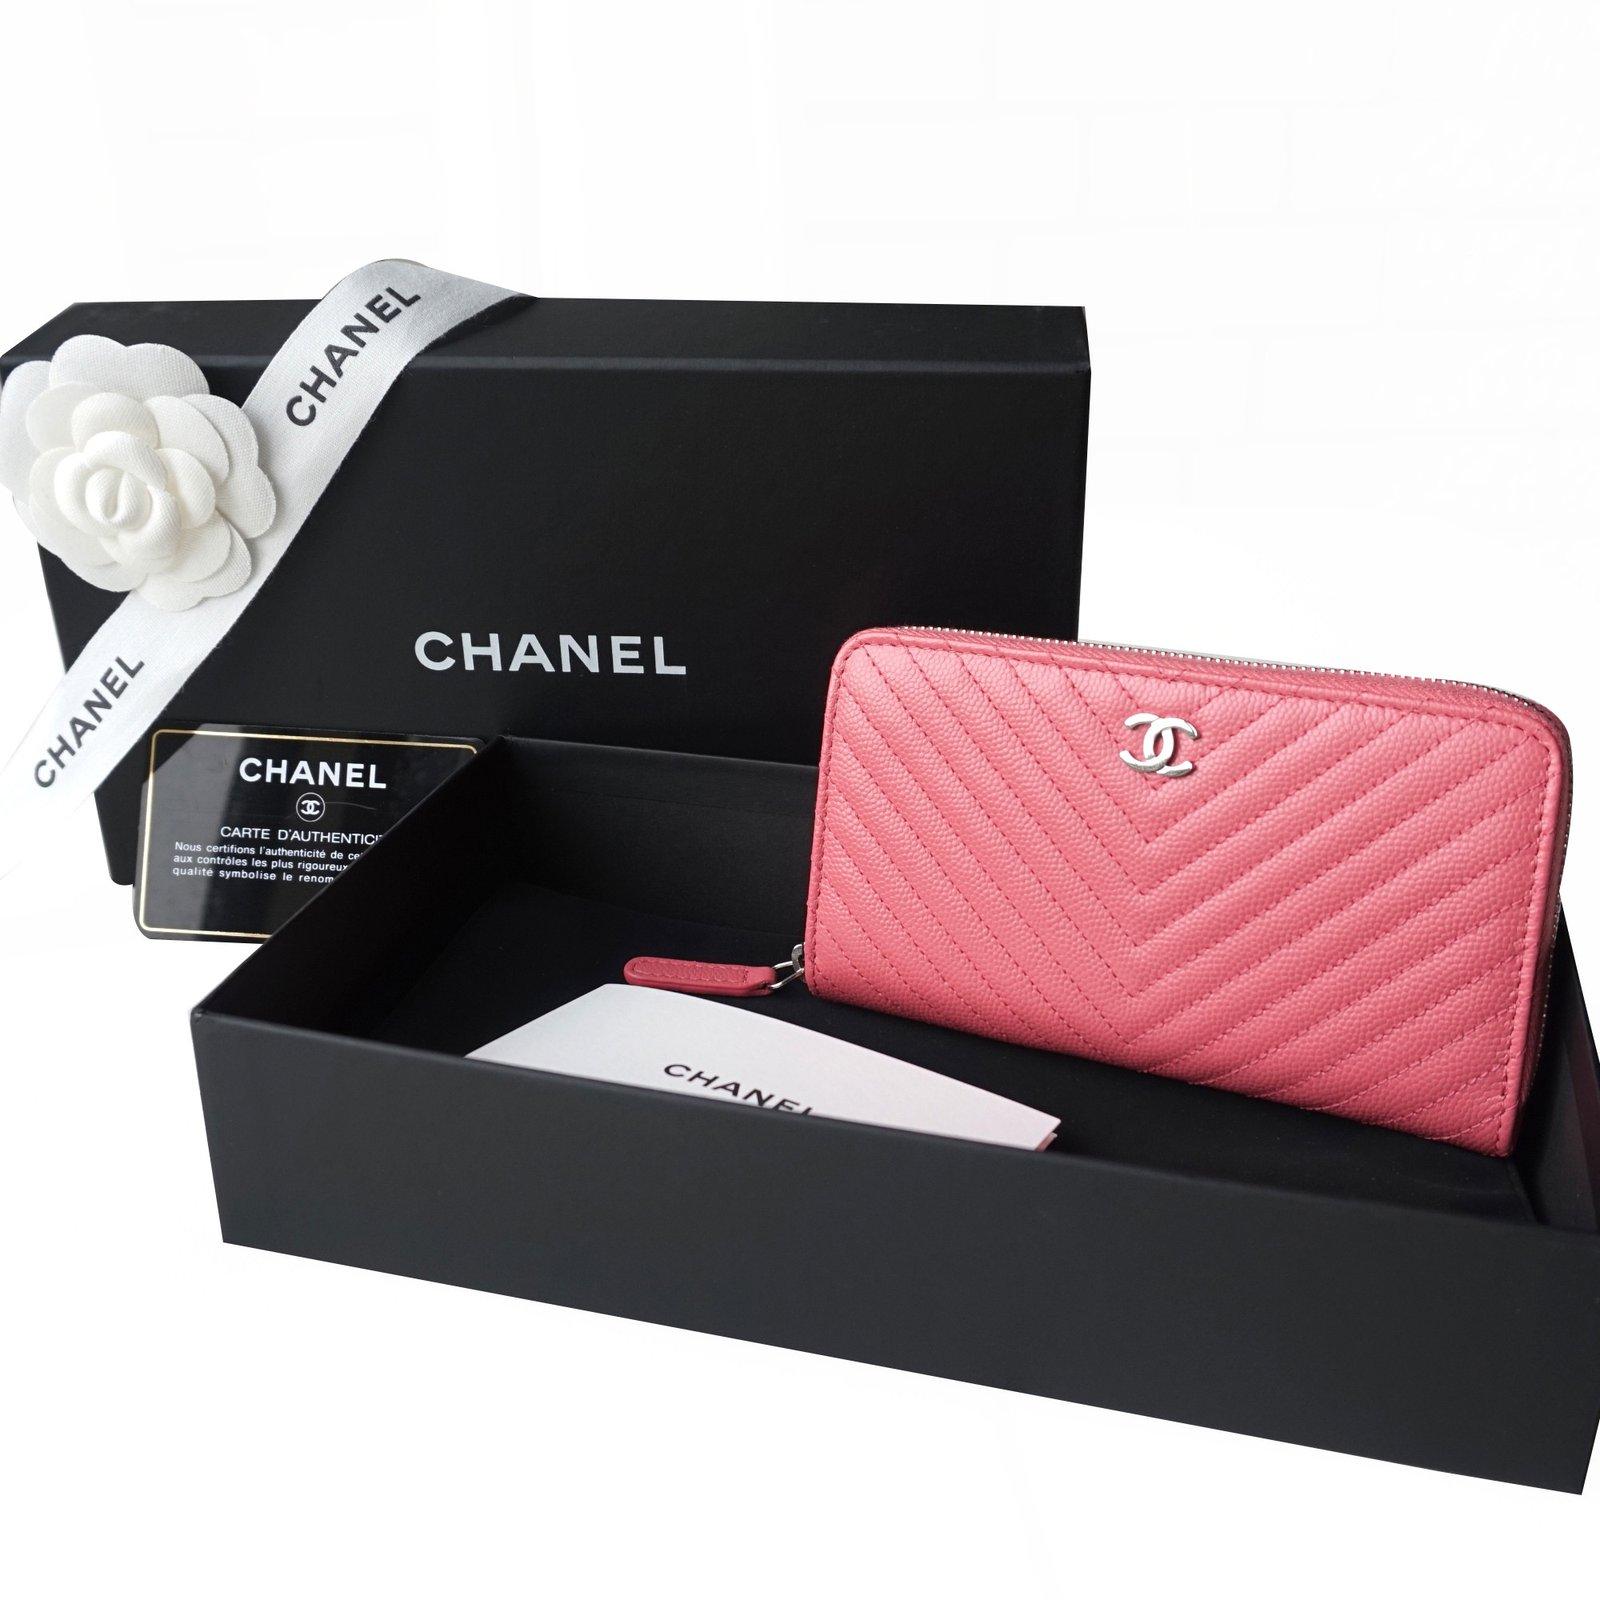 chanel zippy wallet wallets leather pink ref21784 joli